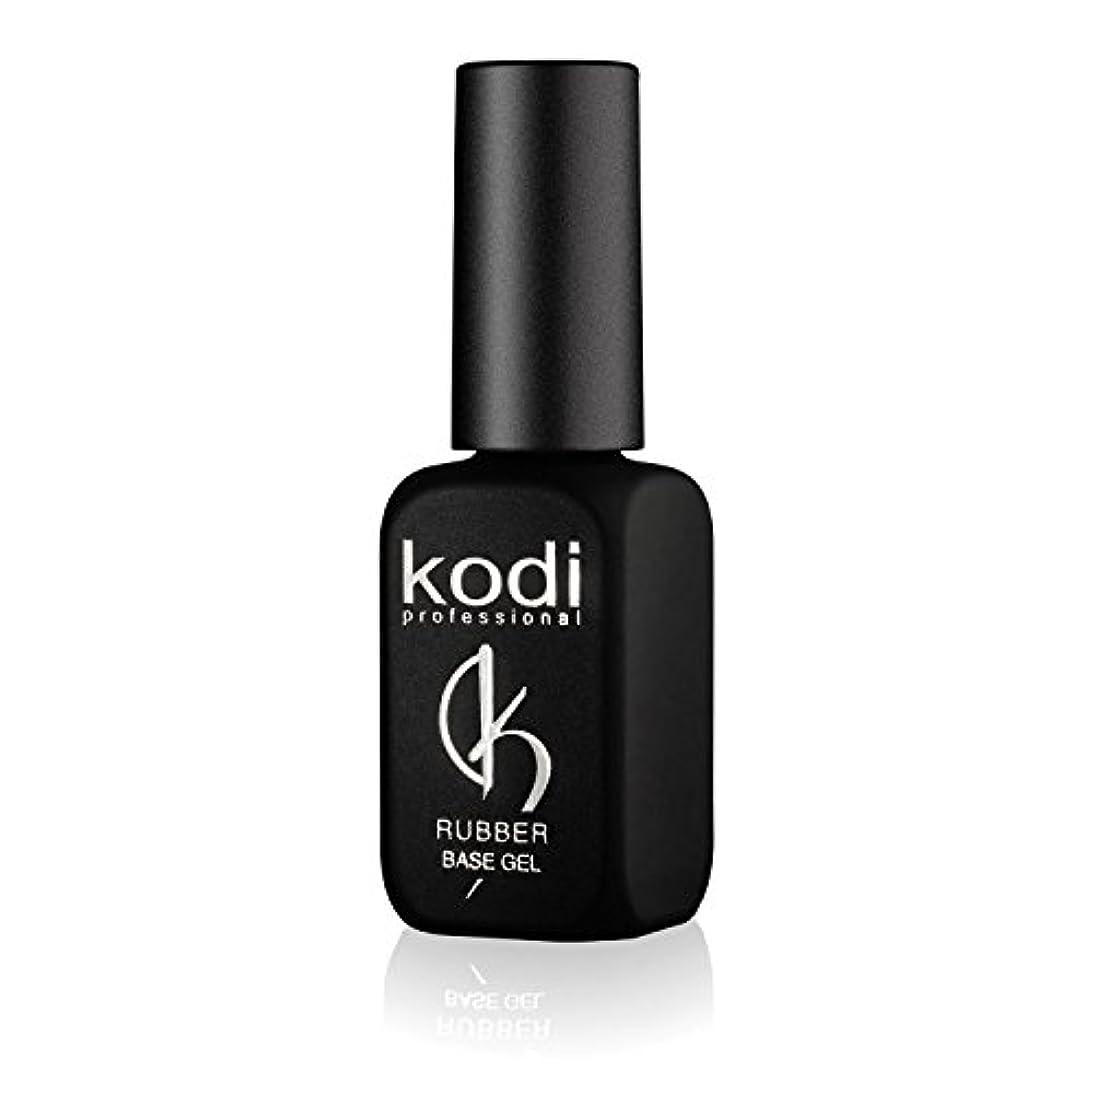 稼ぐ電報所属Professional Rubber Base Gel By Kodi | 12ml 0.42 oz | Soak Off, Polish Fingernails Coat Gel | For Long Lasting...